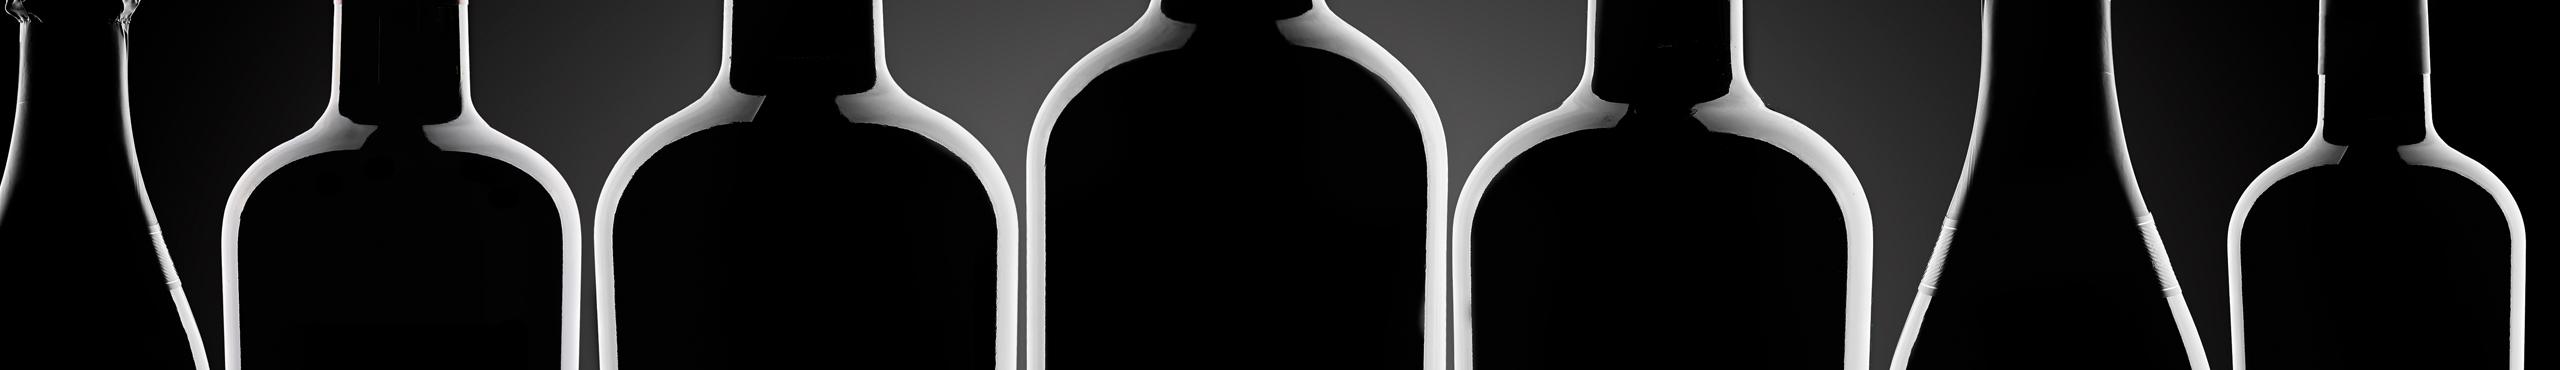 Half Bottles Wine - Buy Online | Wine com